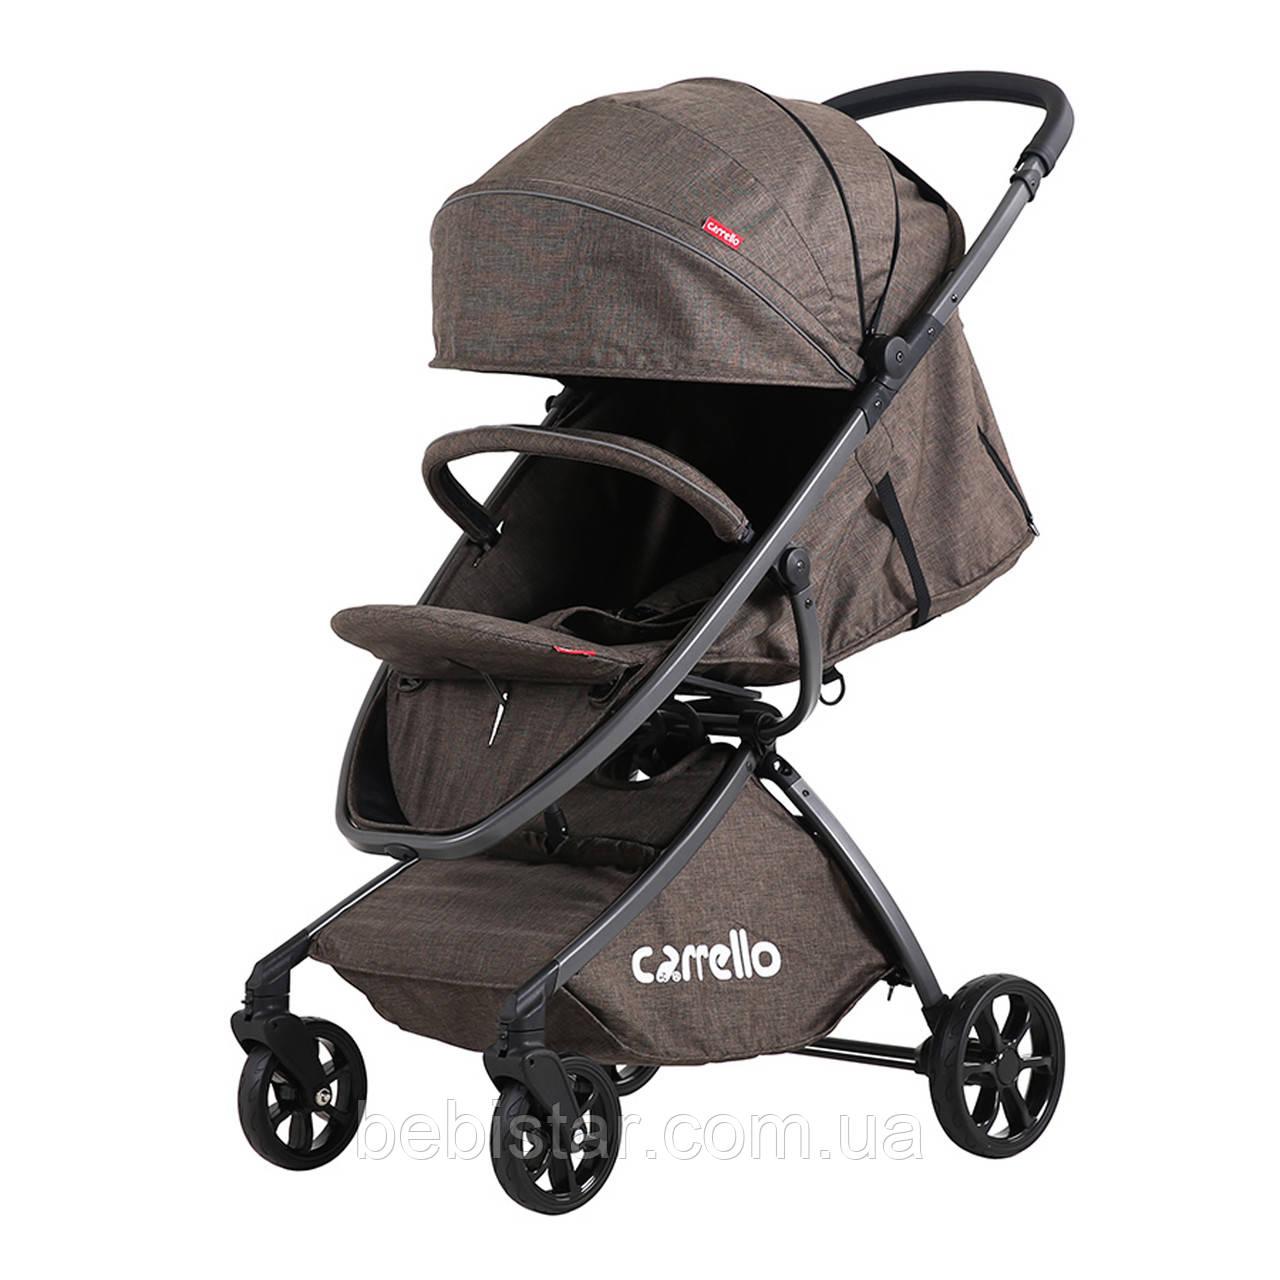 Прогулочная коляска CARRELLO Magia Brown с дождевиком деткам от 6 до 36 месяцев